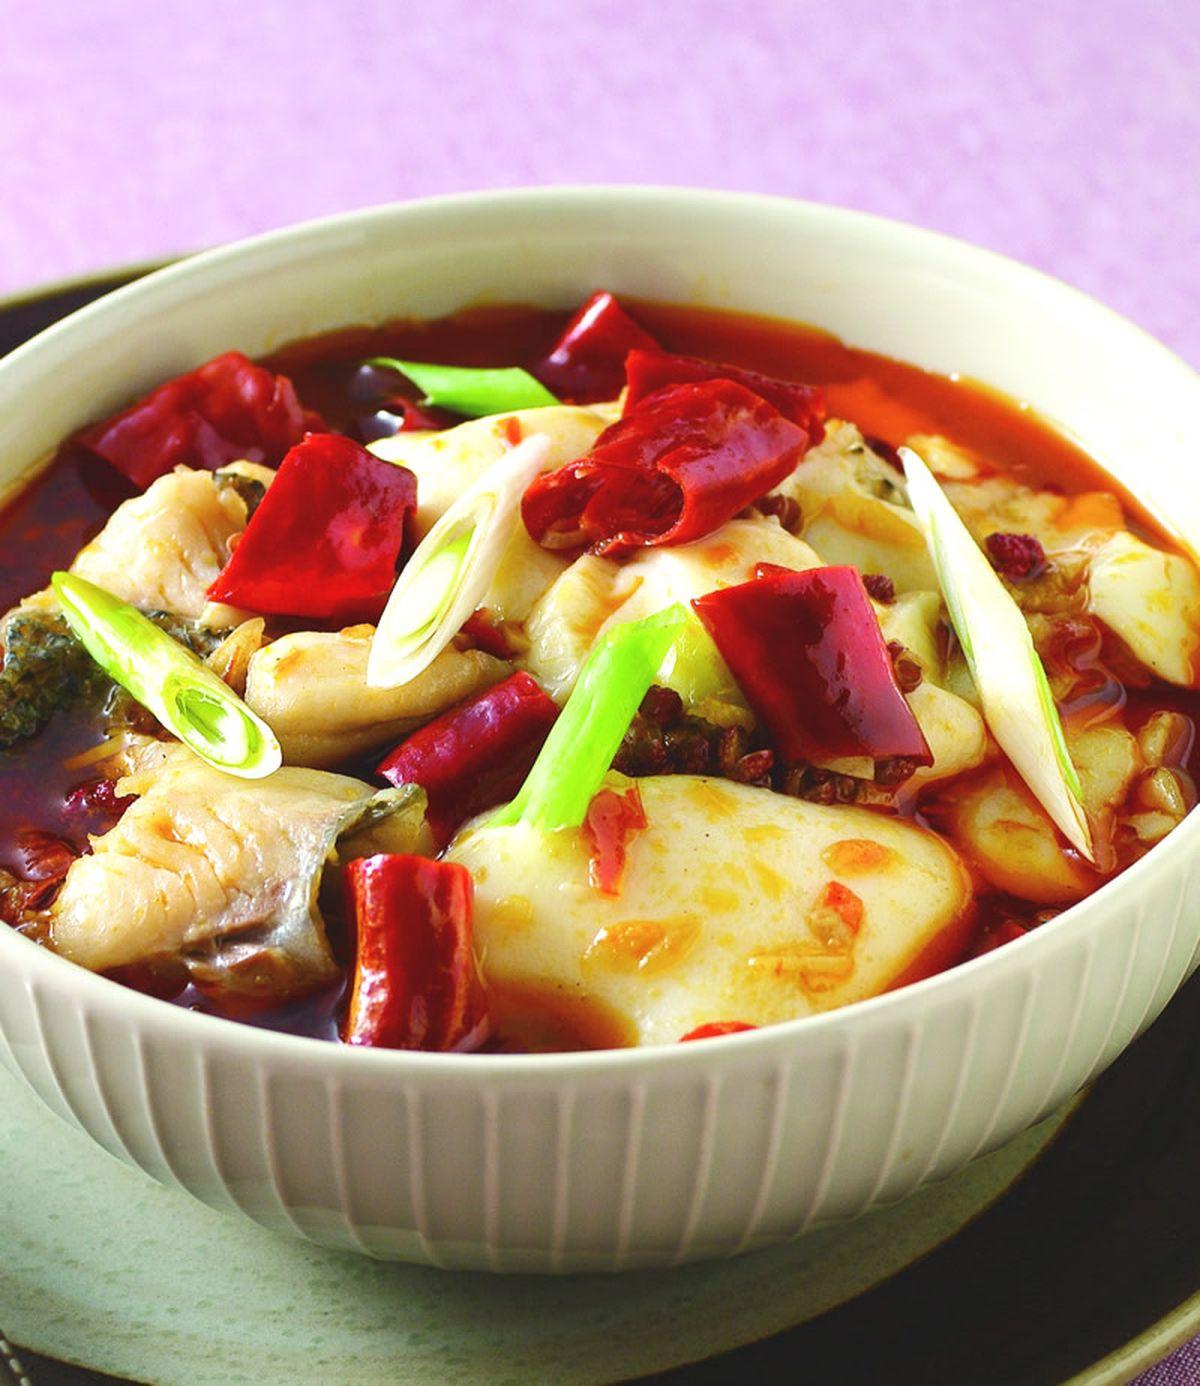 食譜:豆花水煮魚